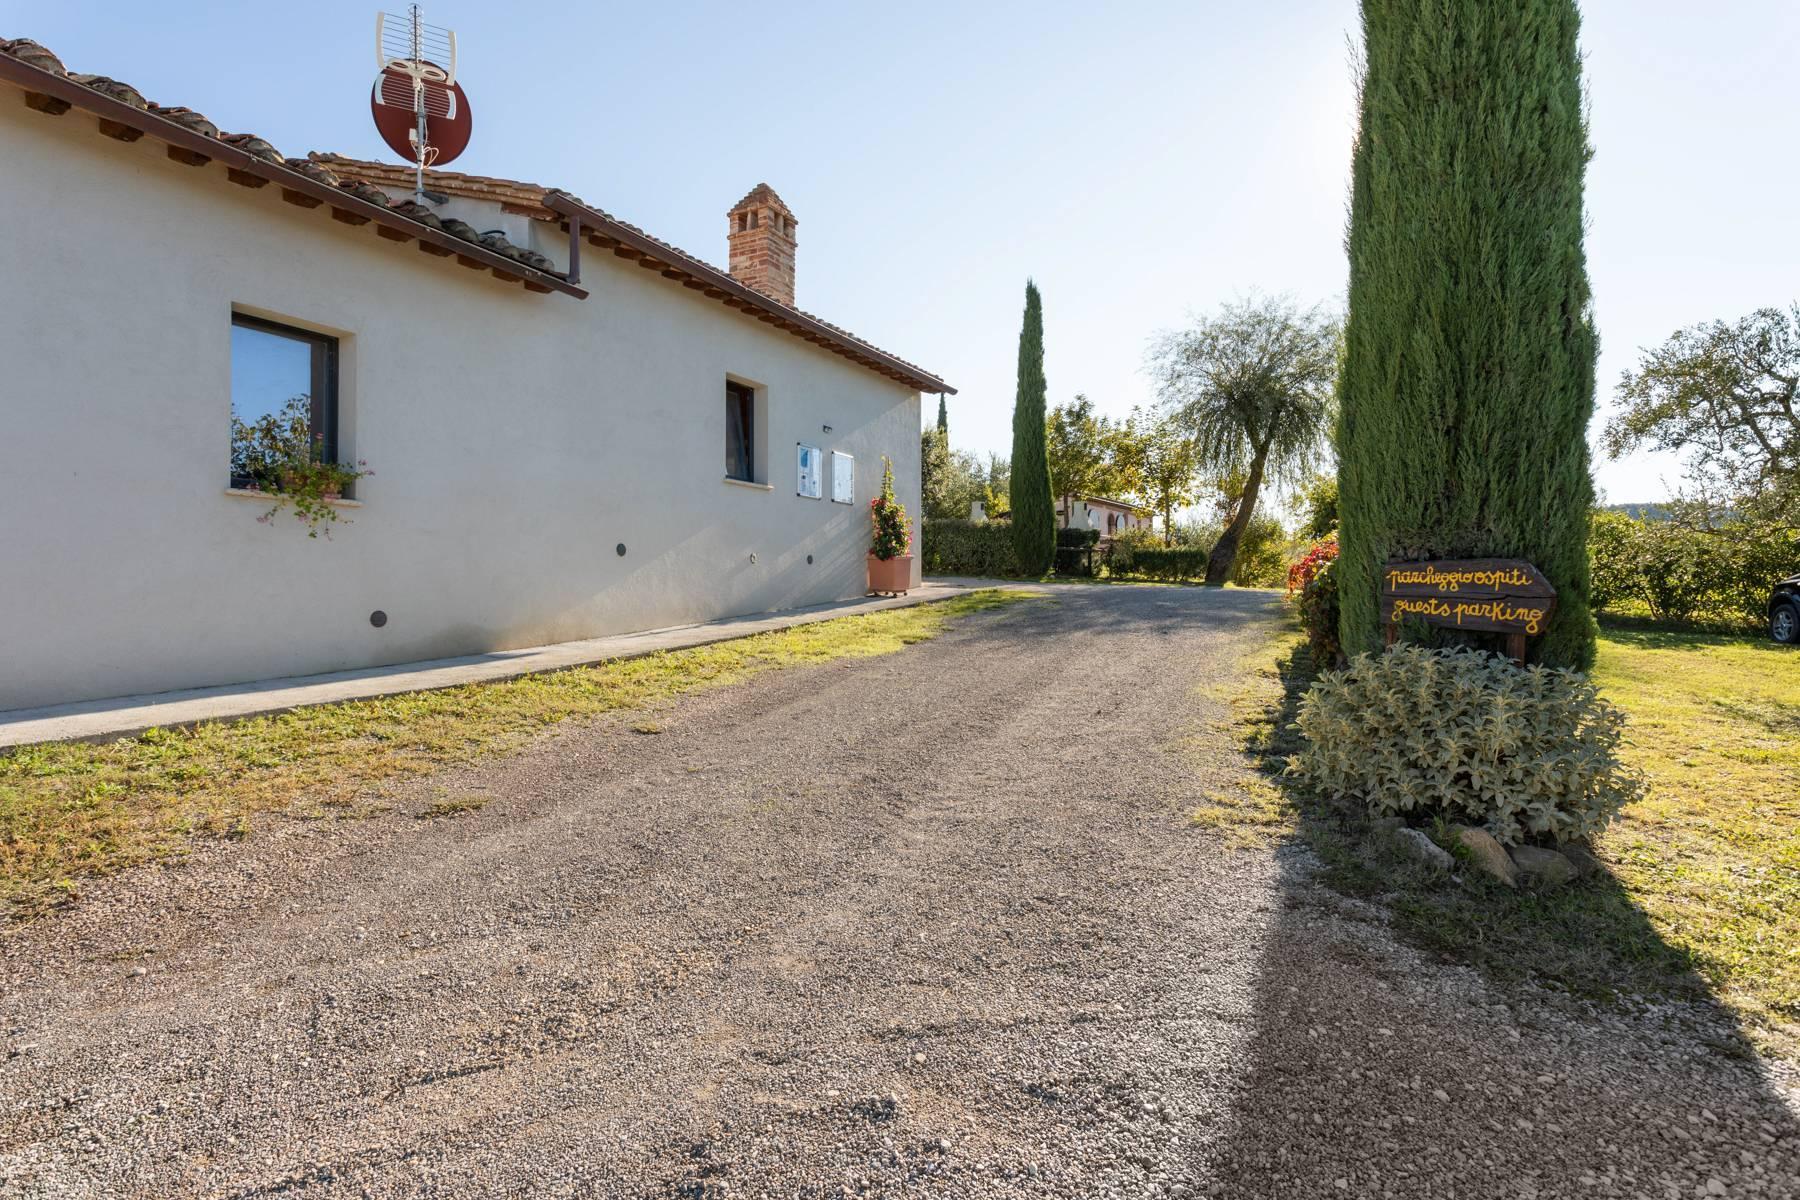 Casale con agriturismo e vigneto a pochi passi da Montepulciano - 27